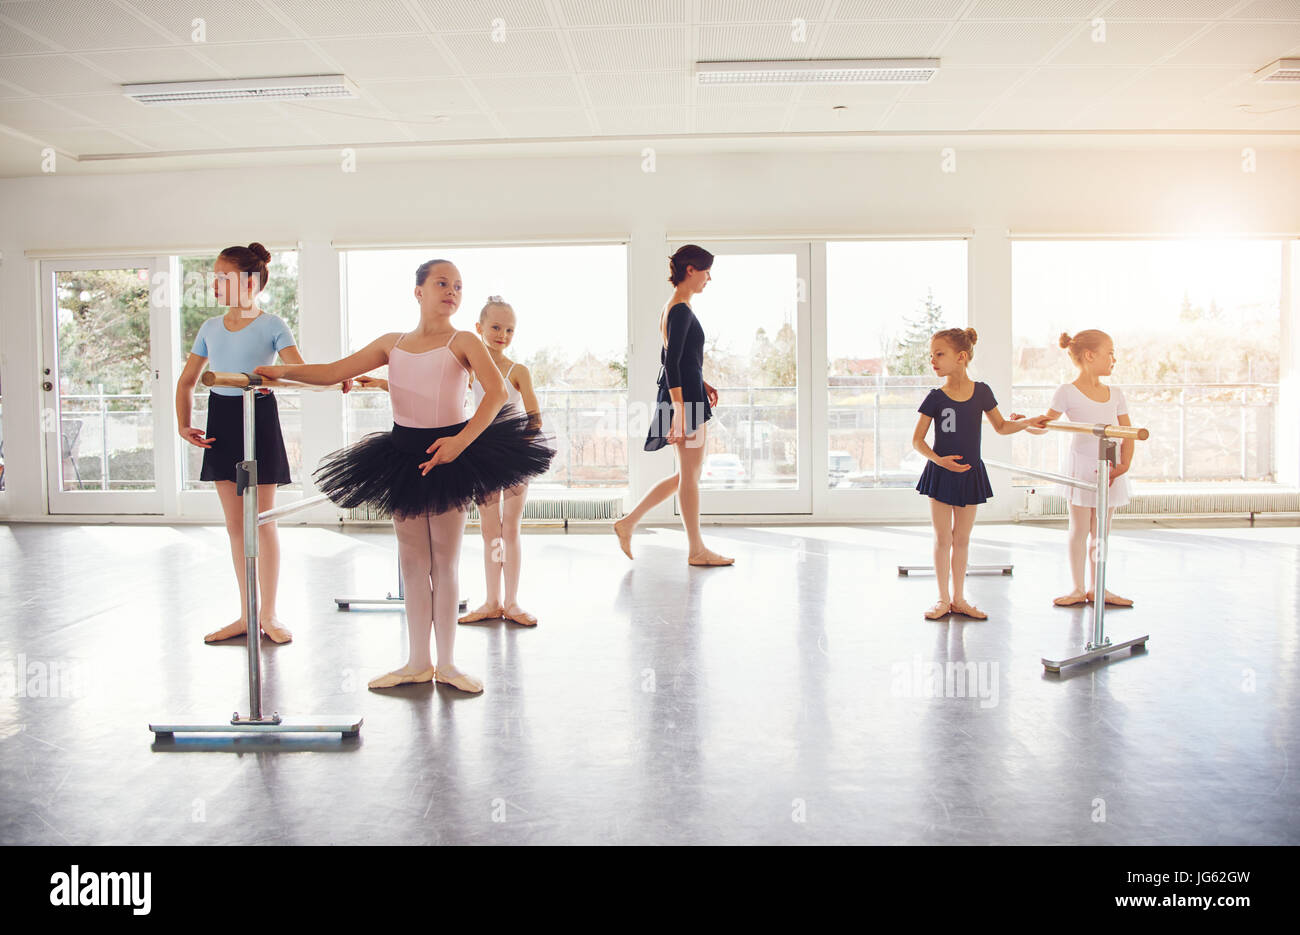 Les jeunes filles l'exécution et l'exercice permanent de ballet ballet en classe. Photo Stock